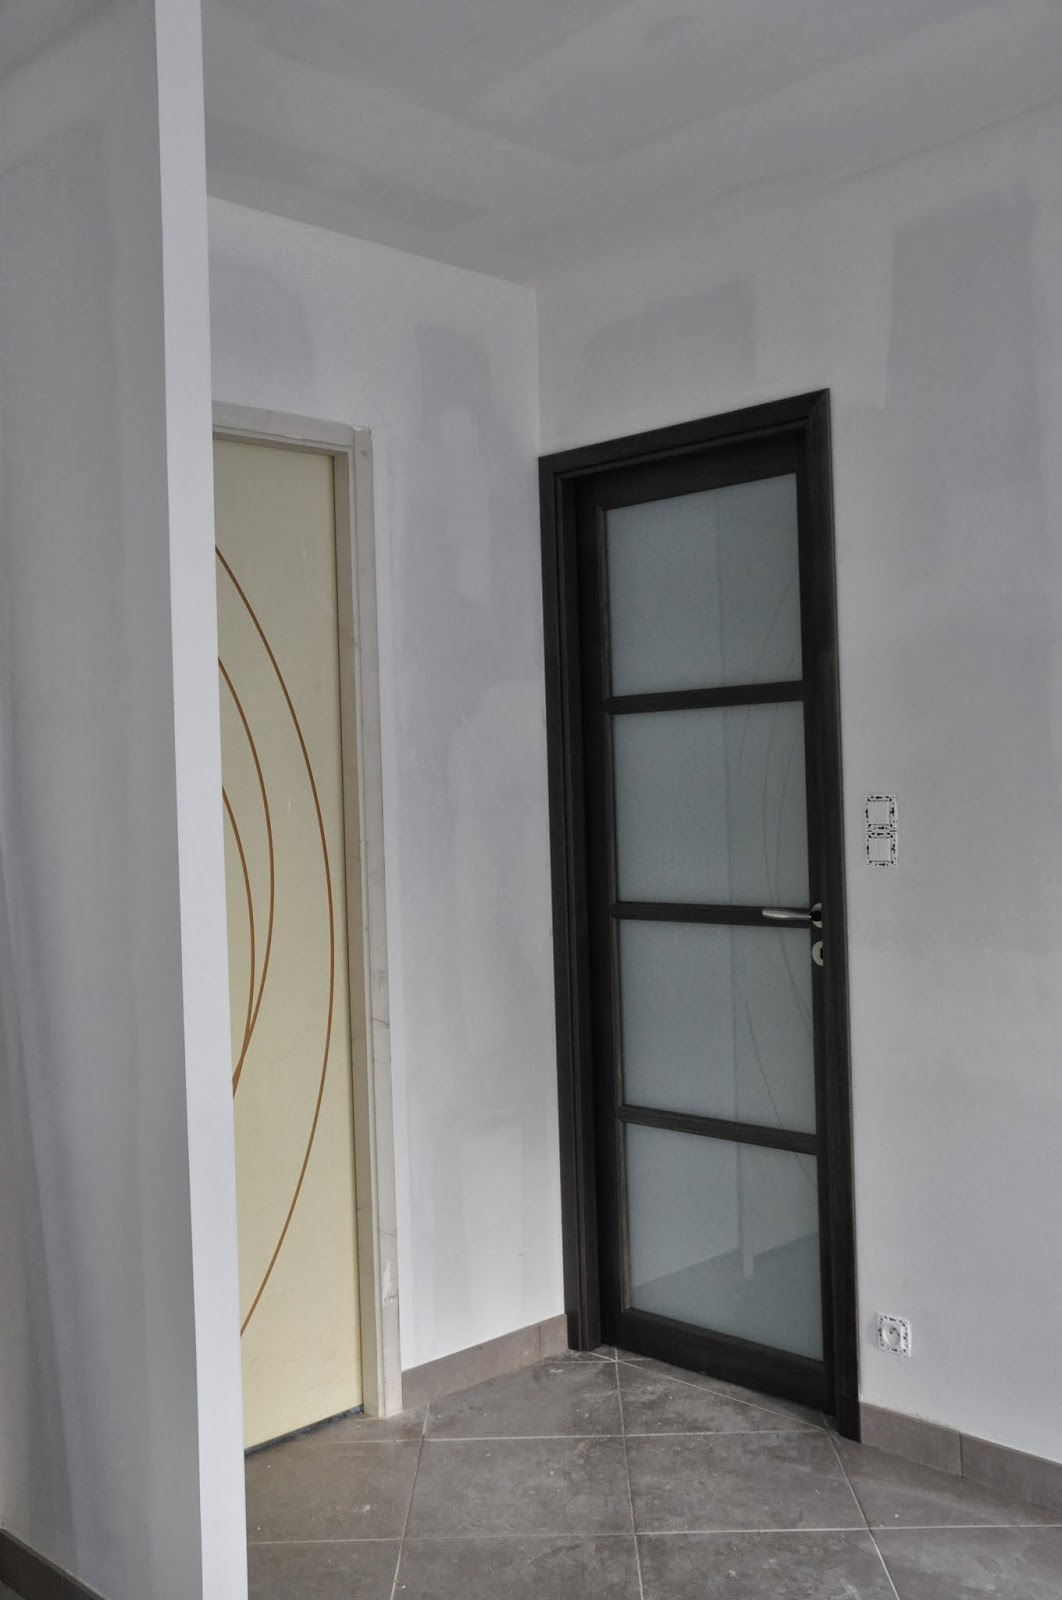 Depreux construction r cit d 39 une construction en 2013 derni re porte et peintures enduits - Peinture porte interieure ...